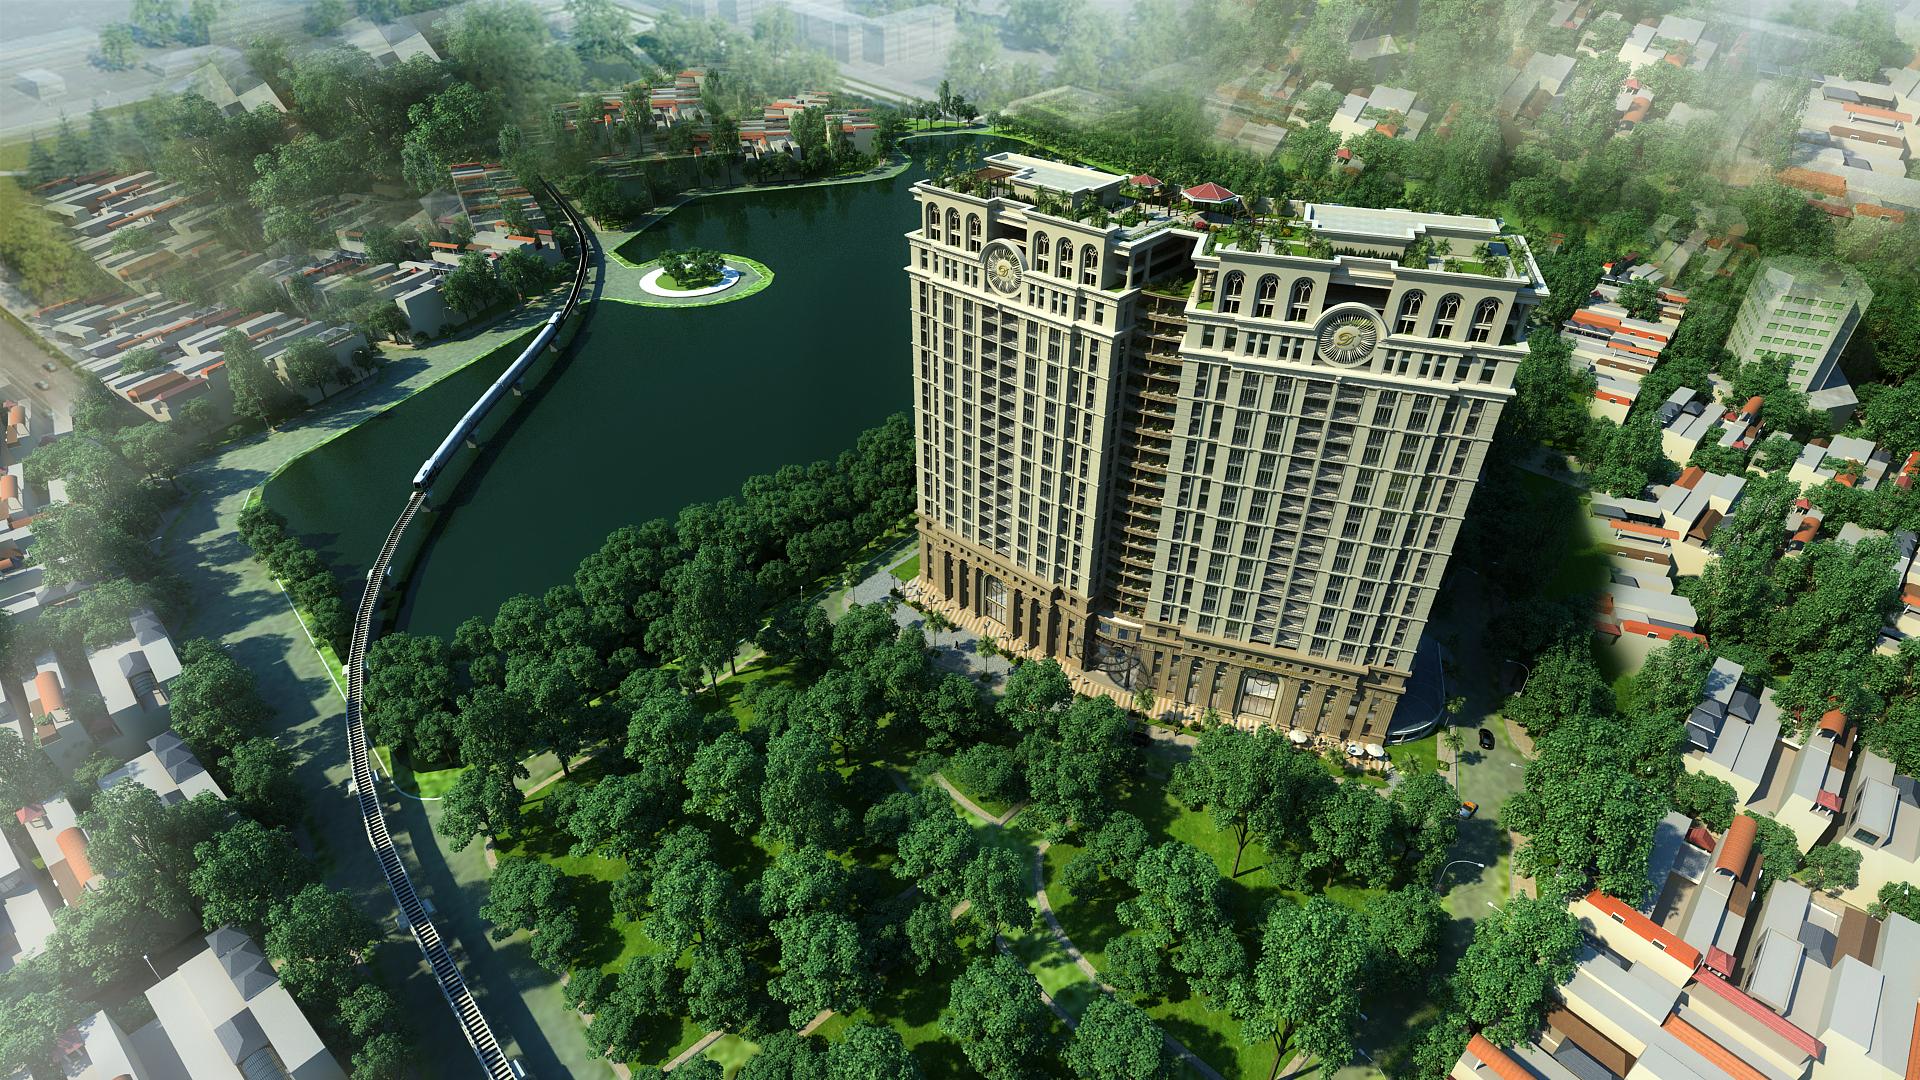 An toàn phòng chống cháy nổ tại chung cư cao tầng Hà Nội